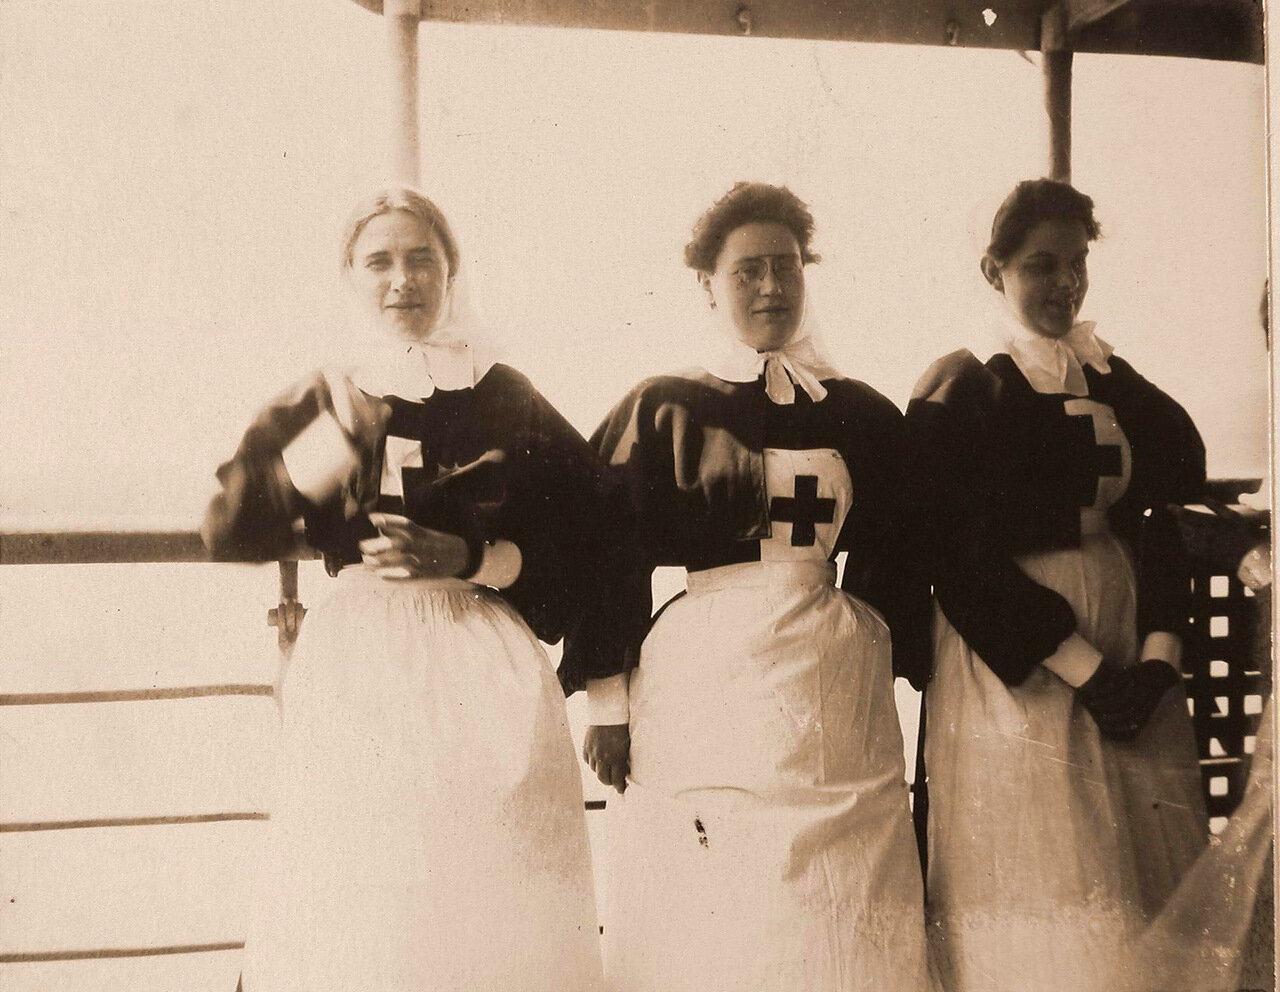 08. Группа сестер милосердия на палубе плавучего госпиталя Орёл